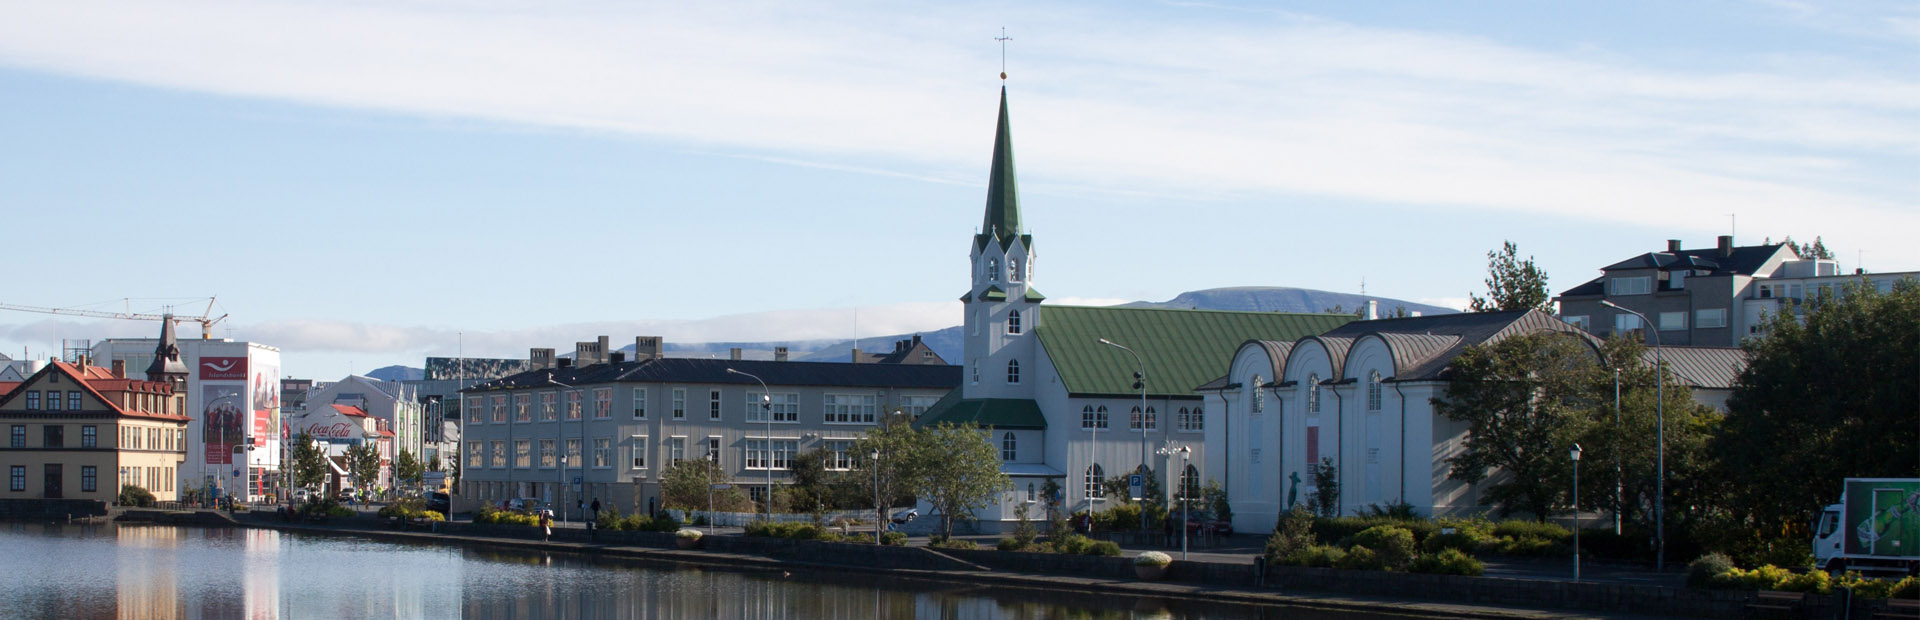 SlideReykjavik